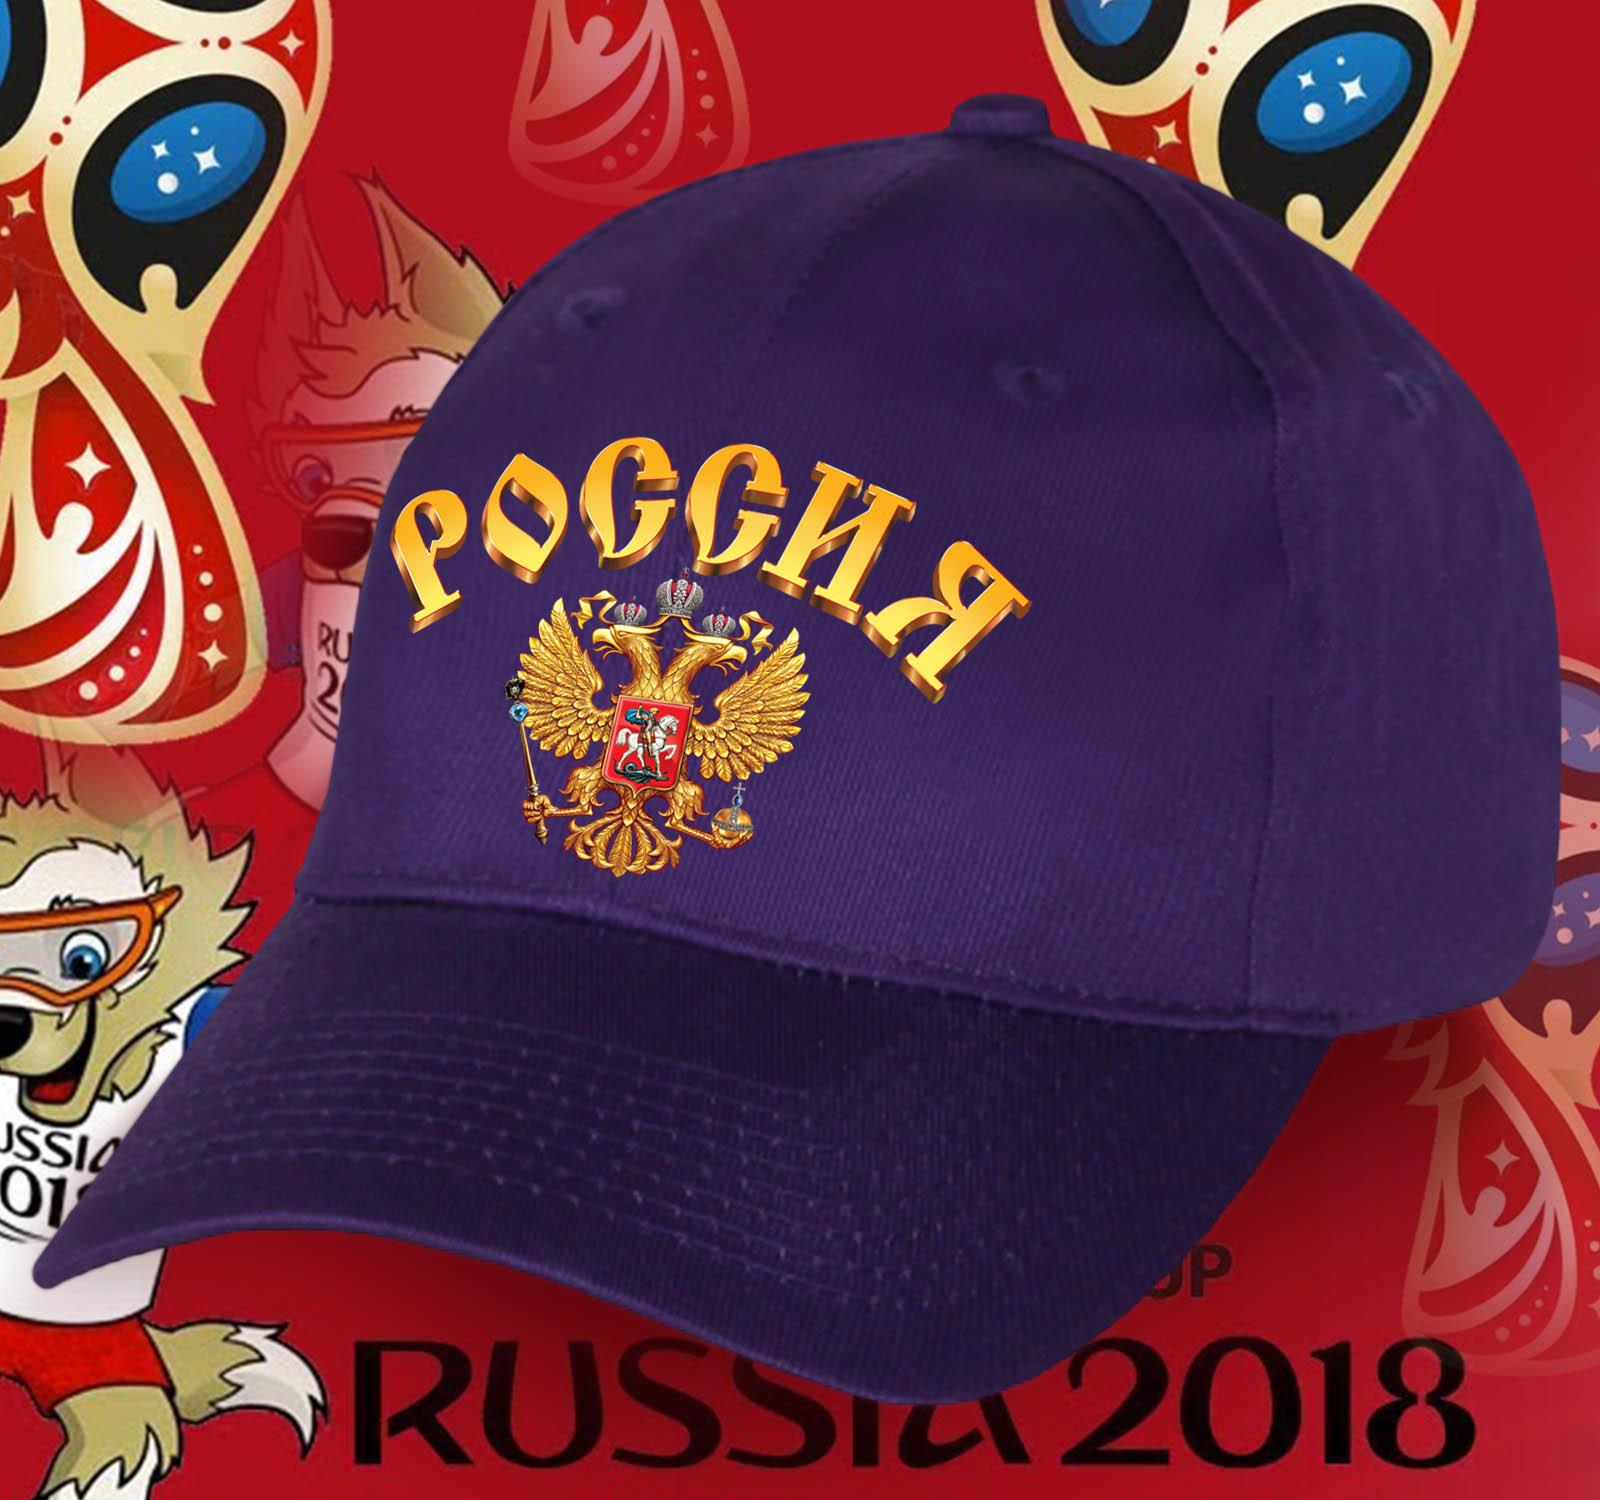 Мощная патриотическая бейсболка с символом России